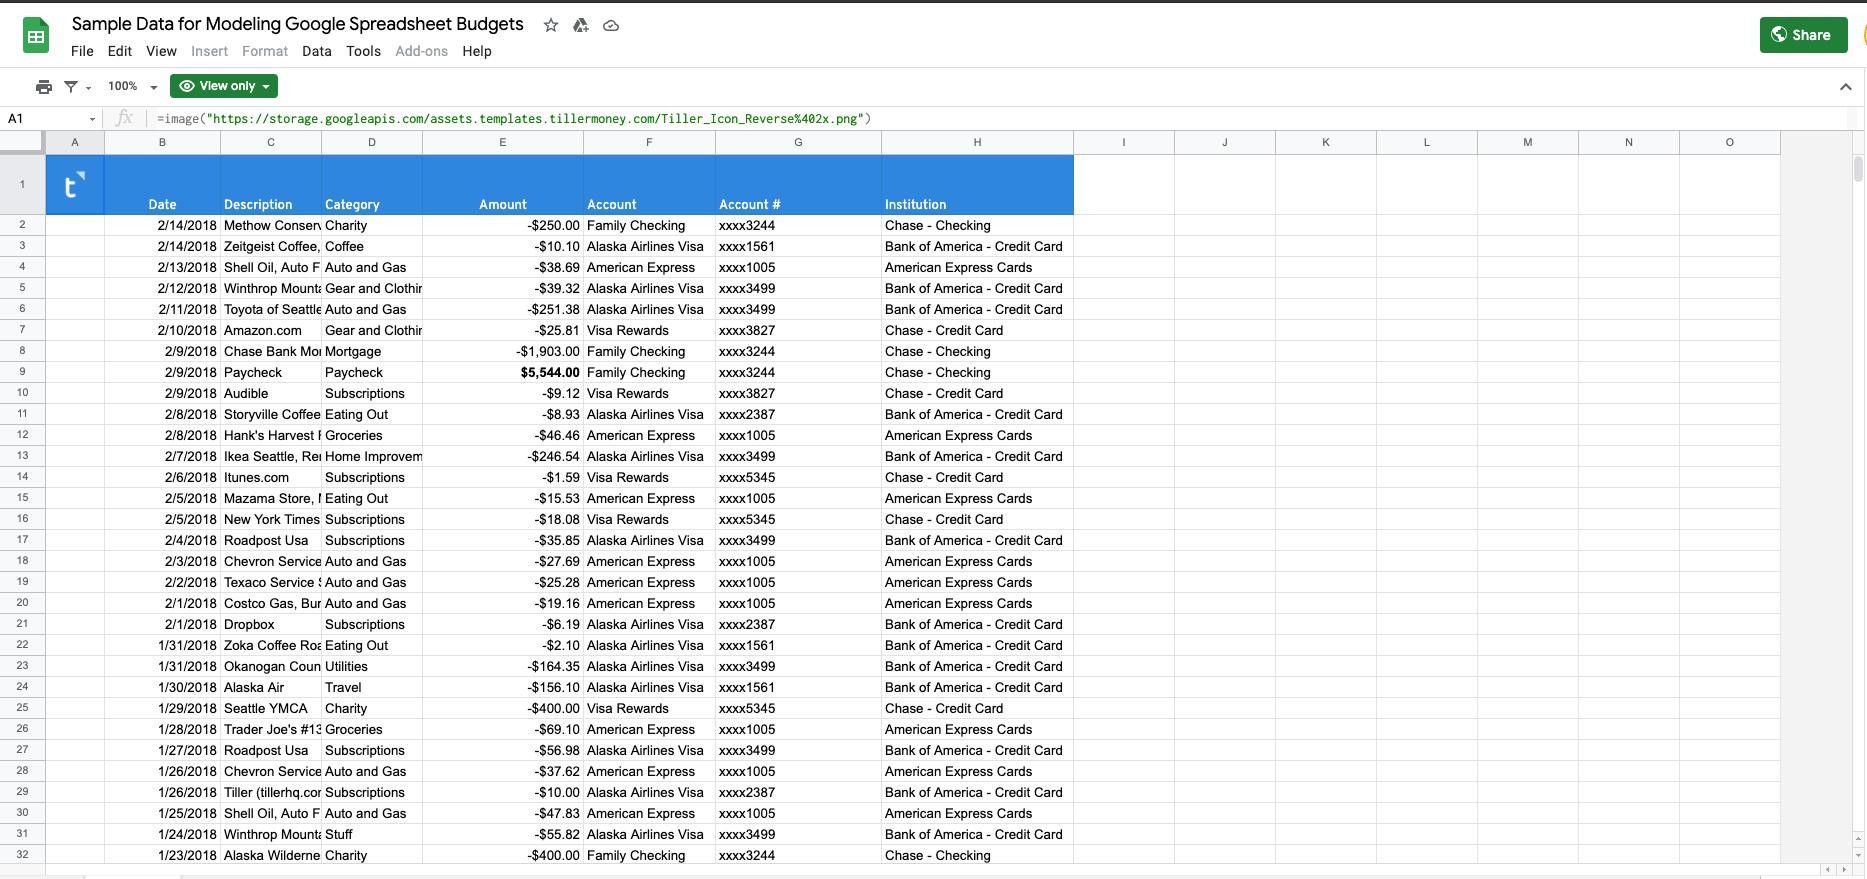 Sample Data for Modeling Google Spreadsheet Budget